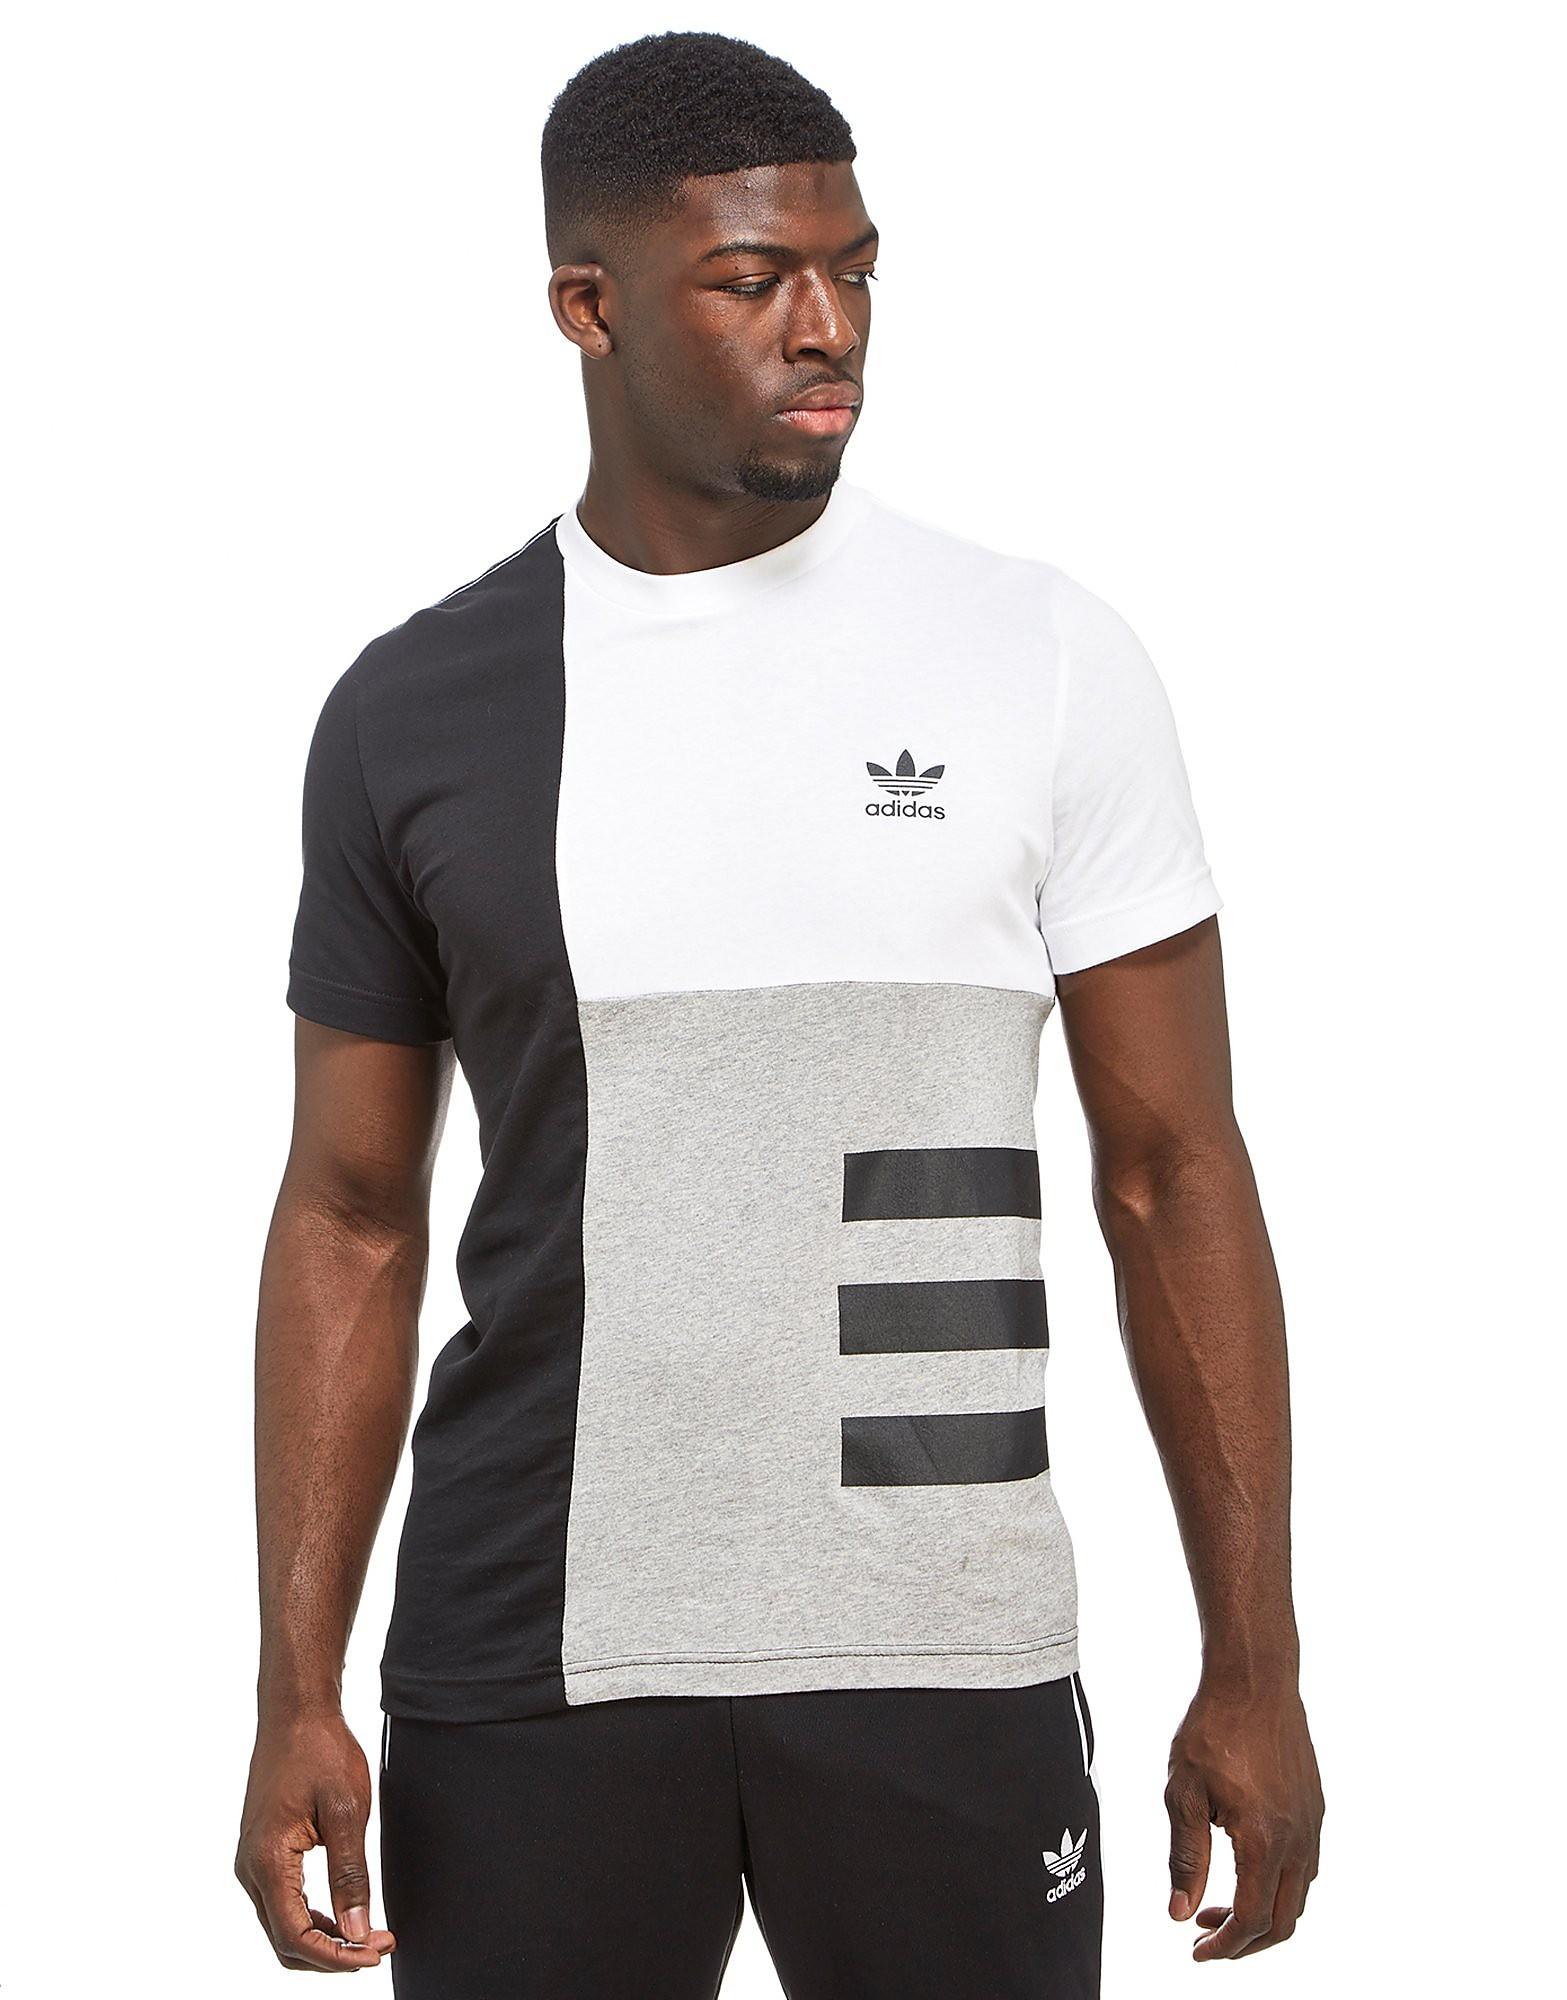 adidas Originals Trefoil Mono T-Shirt